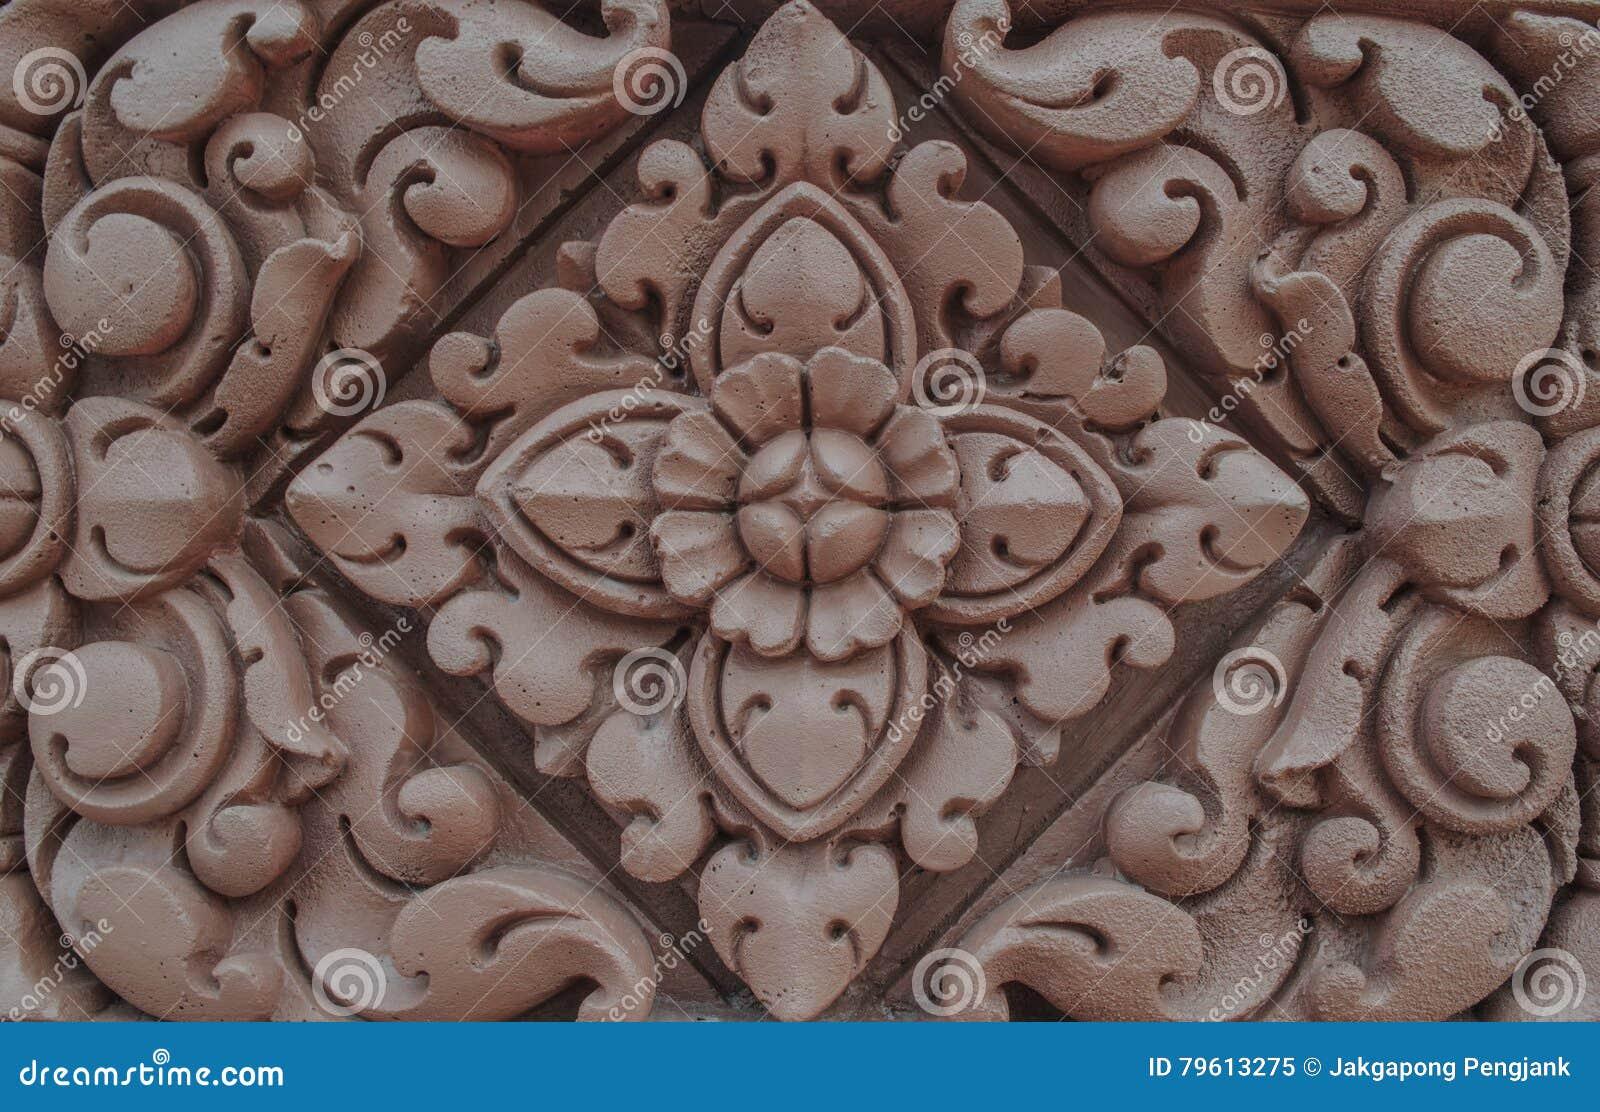 Relevo de Bas da flor de lótus